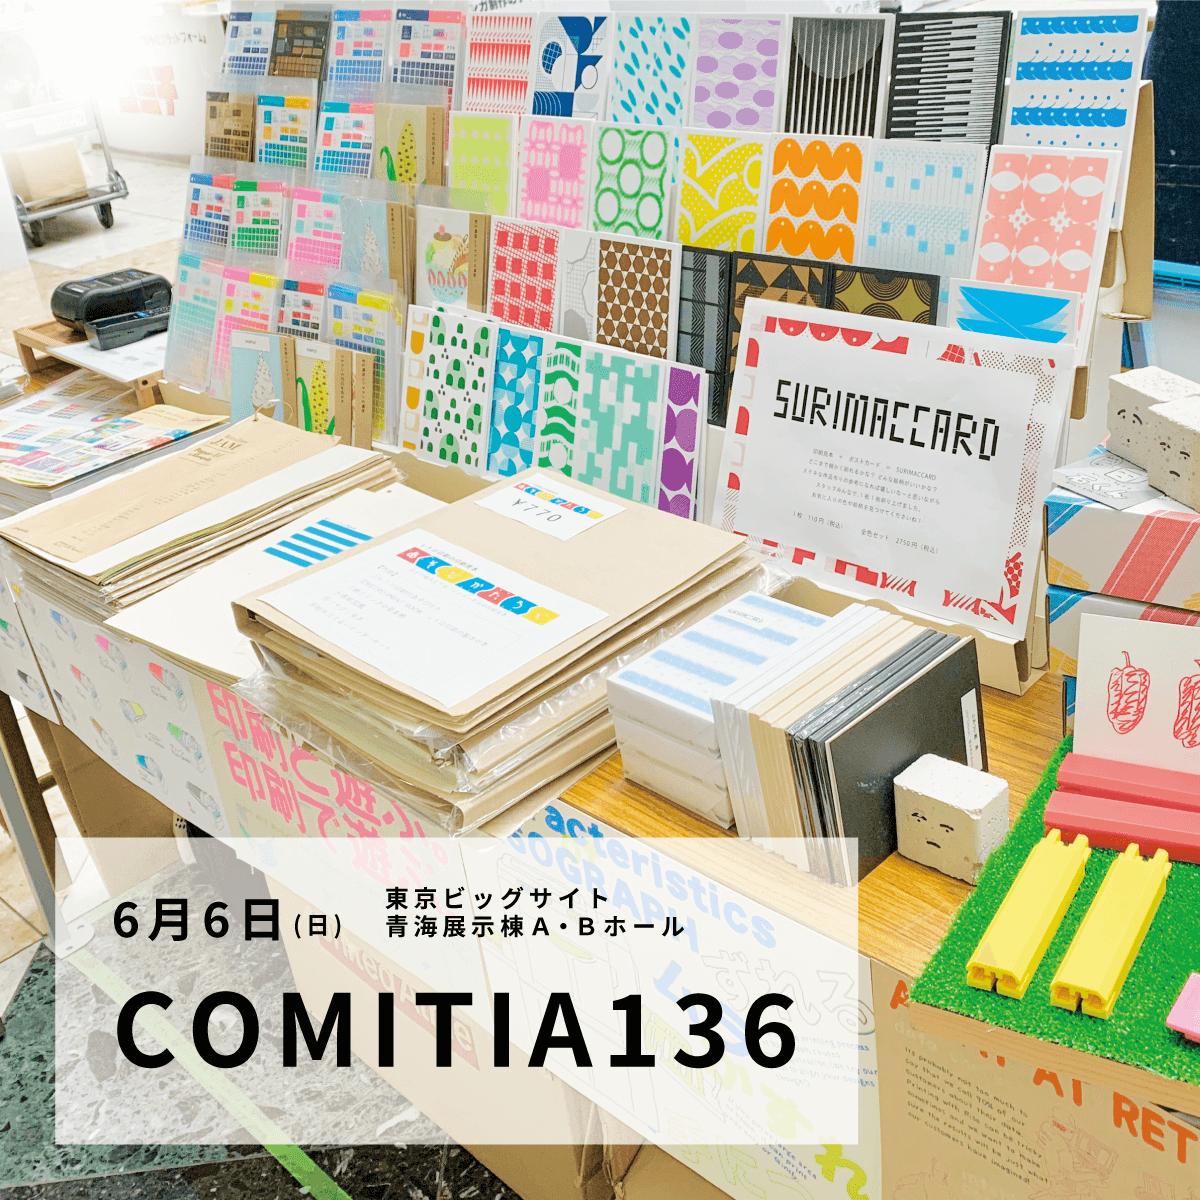 comitia136